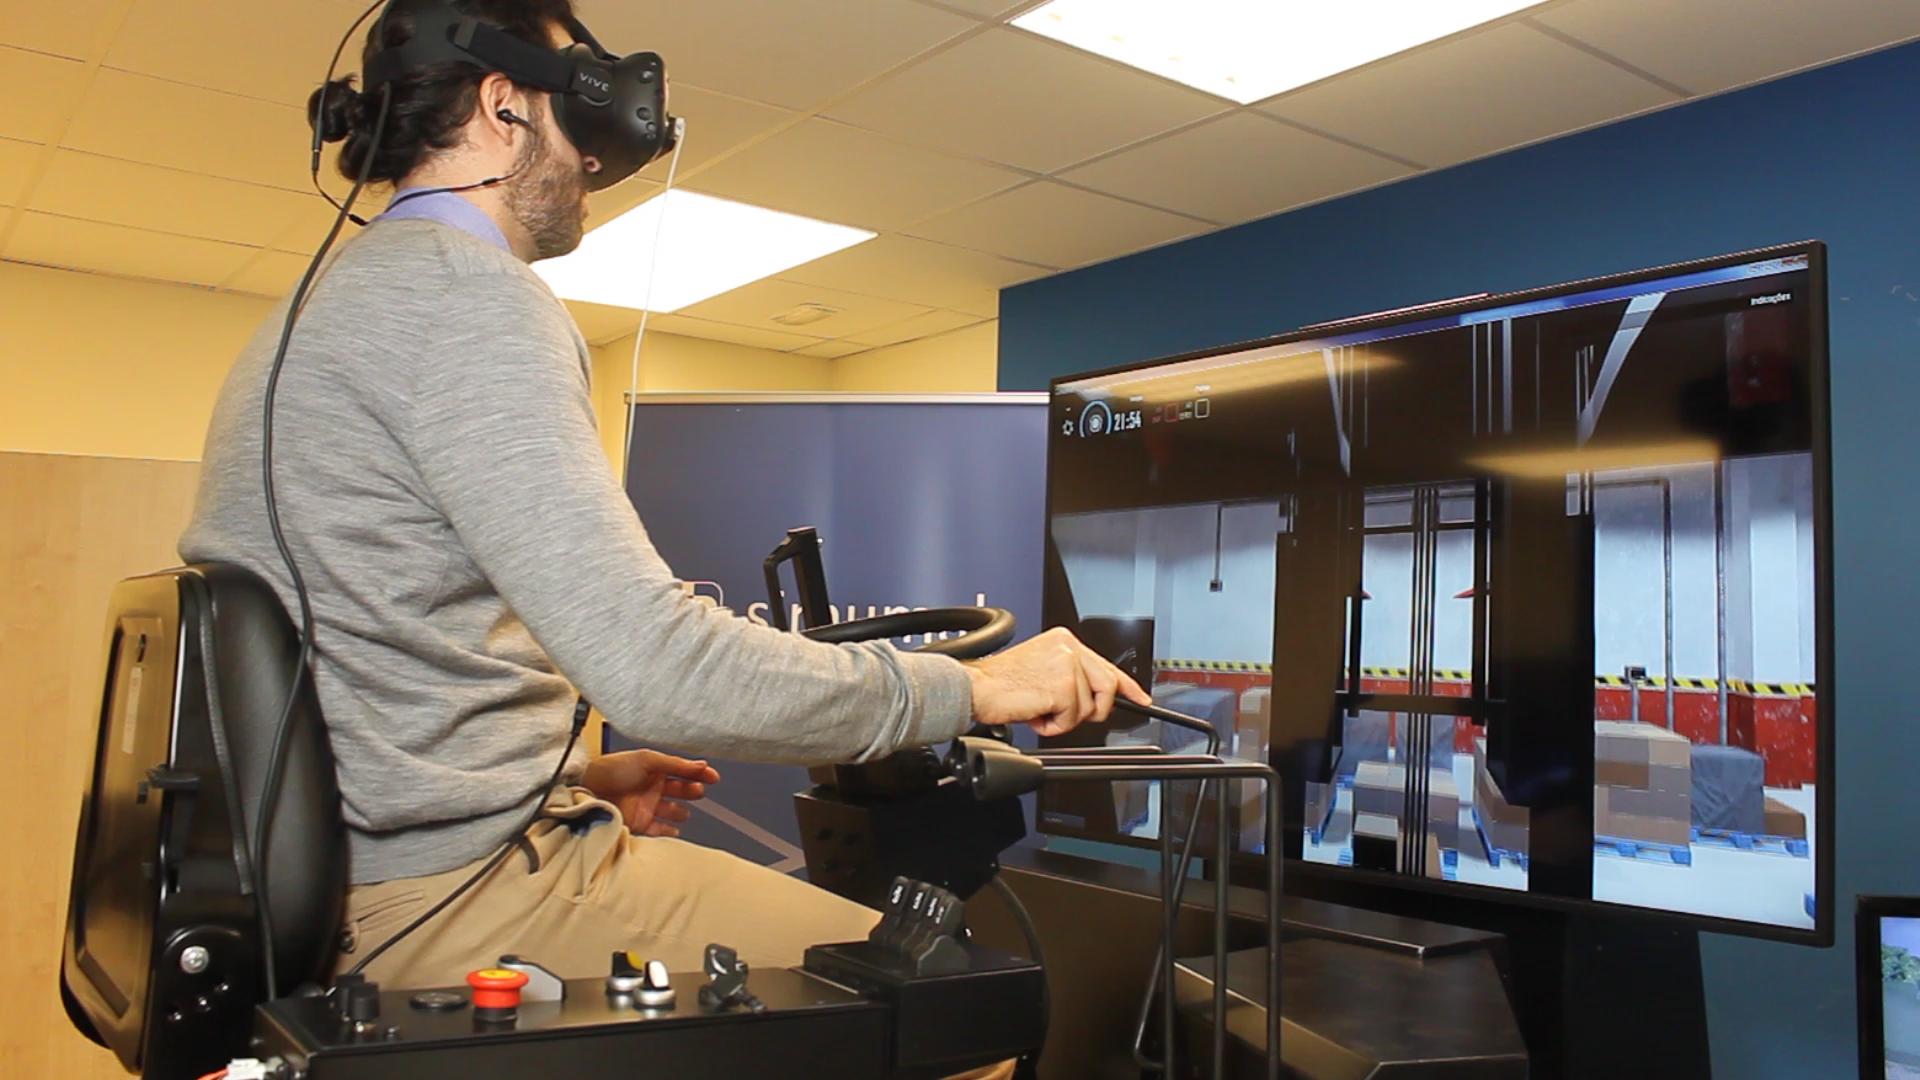 simulador-de-carretilla-elevadora-logsim-avr-incluye-realidad-virtual